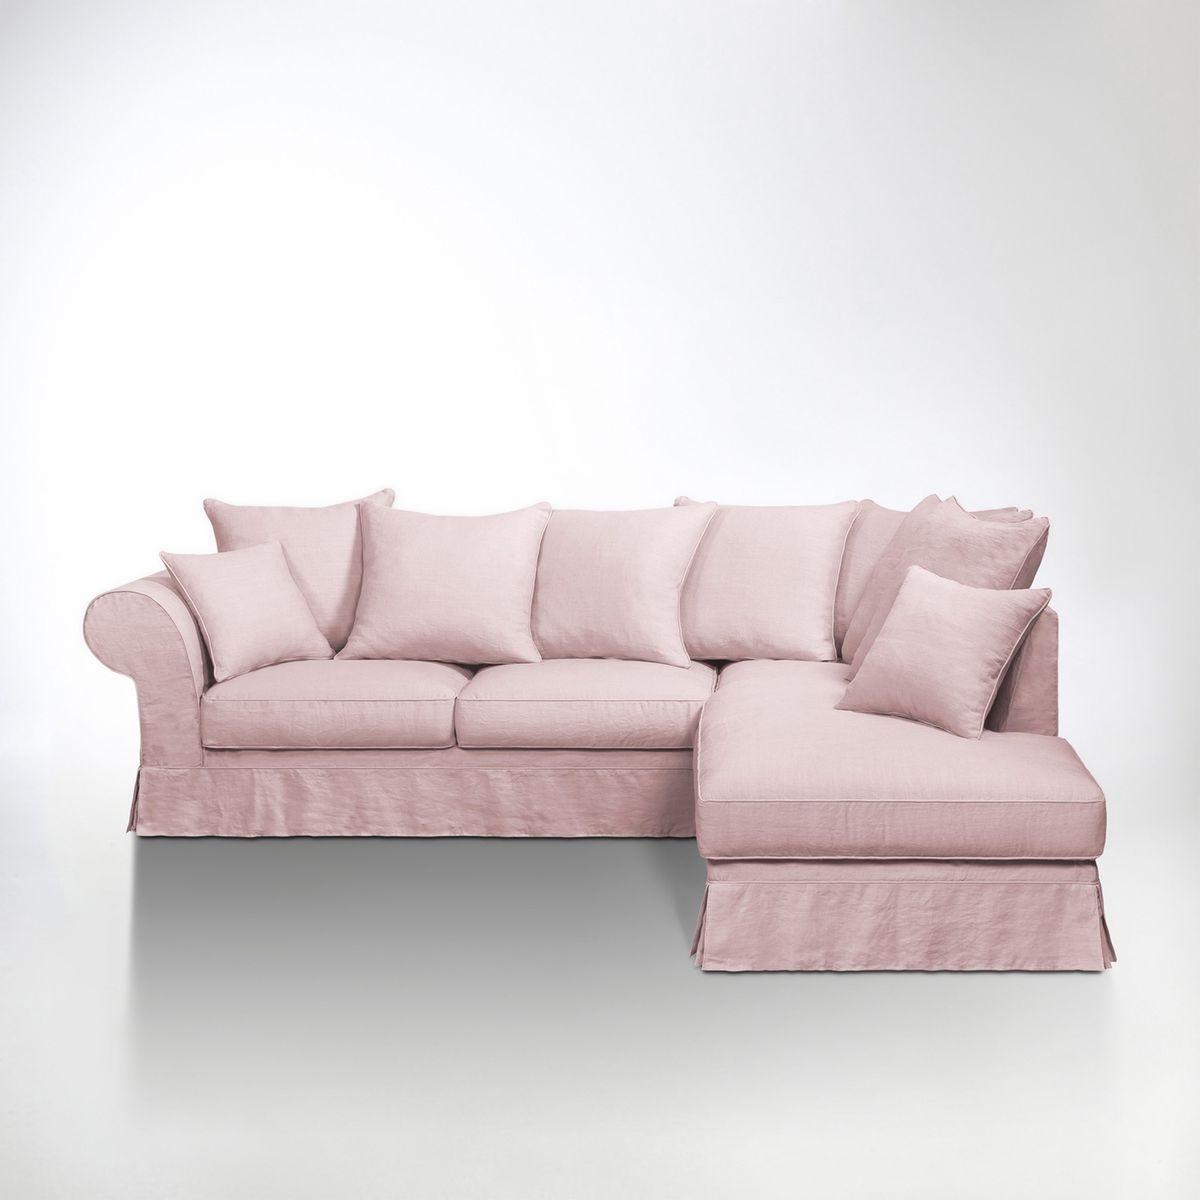 Meubles la redoute catalogue meubles la redoute - La redoute canape convertible ...